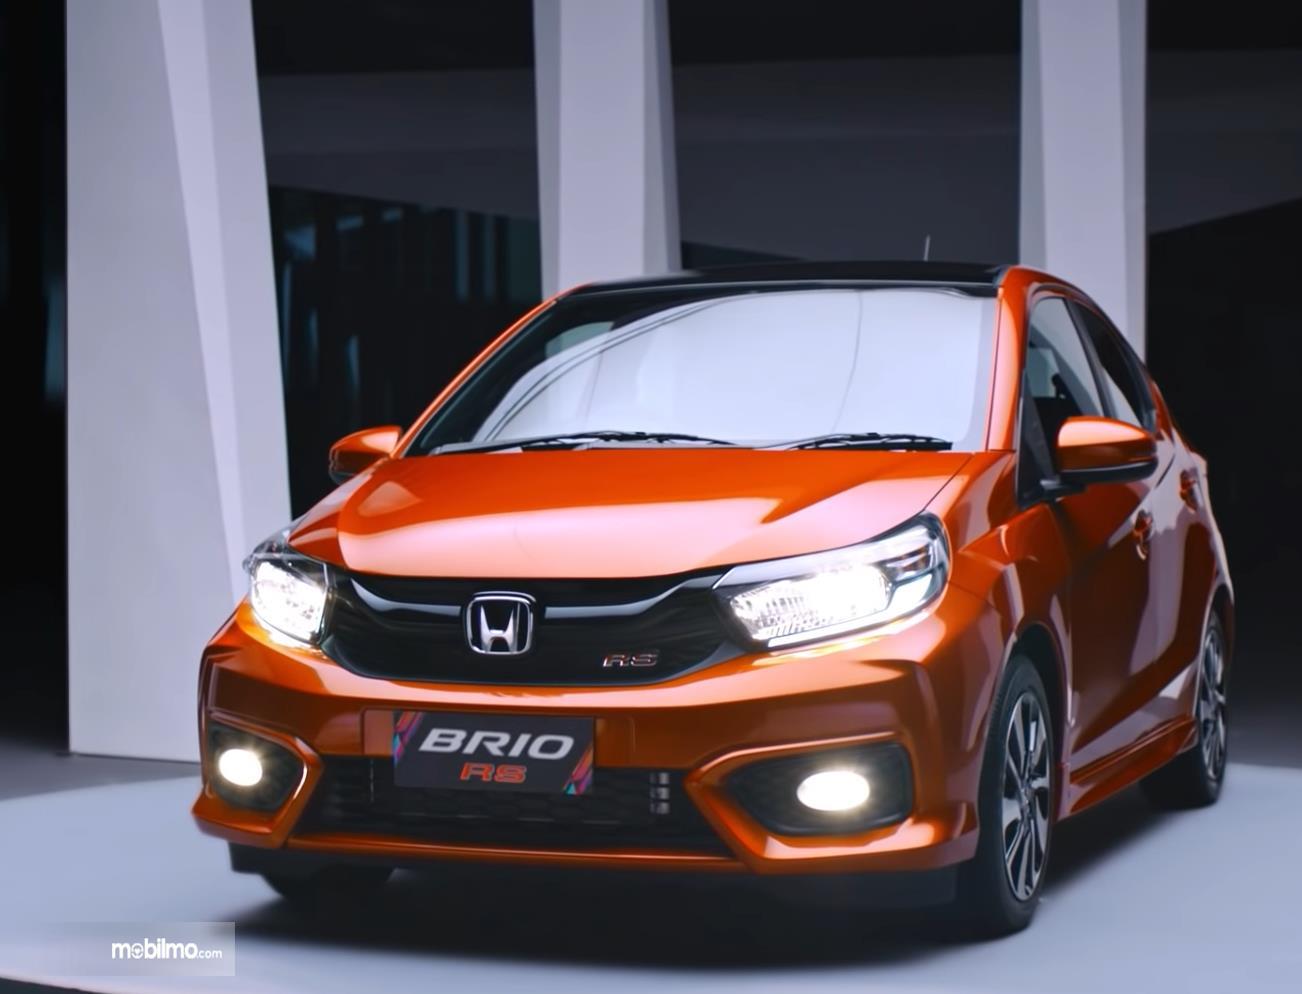 Gambar ini menunjukkan mobil Honda Brio RS tampak depan